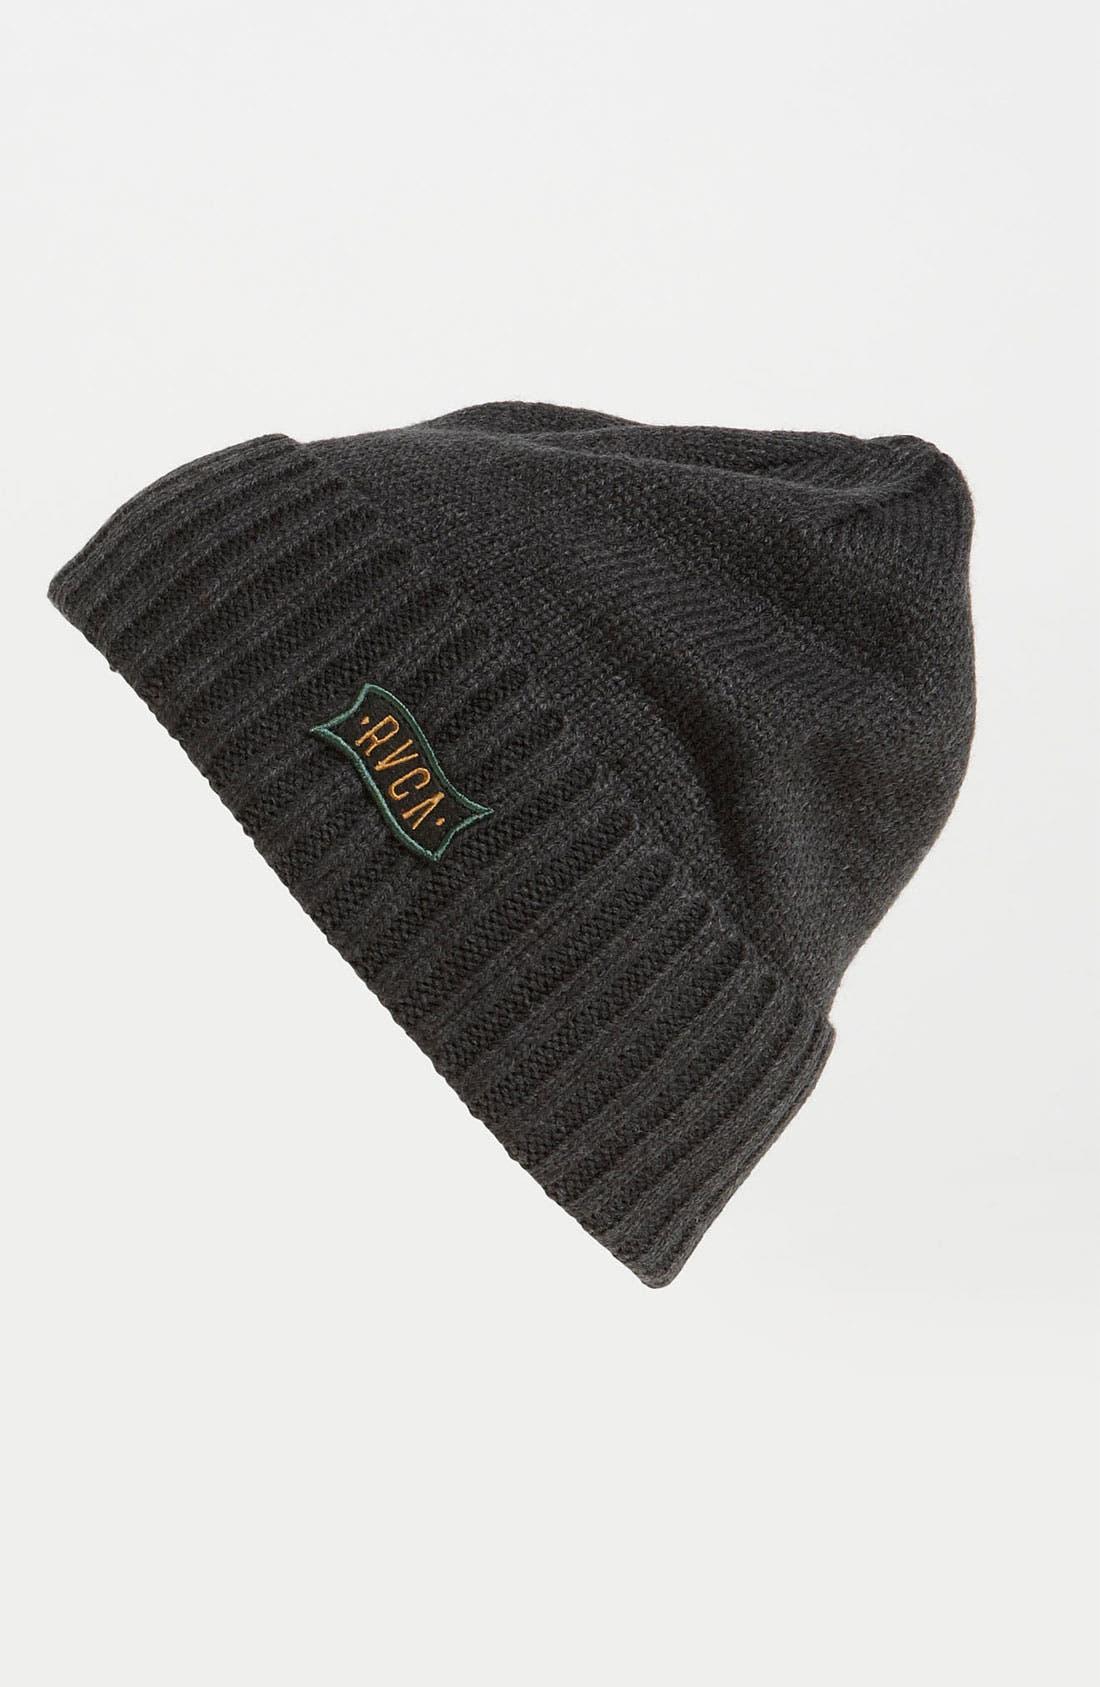 Main Image - RVCA 'Skullion' Knit Cap